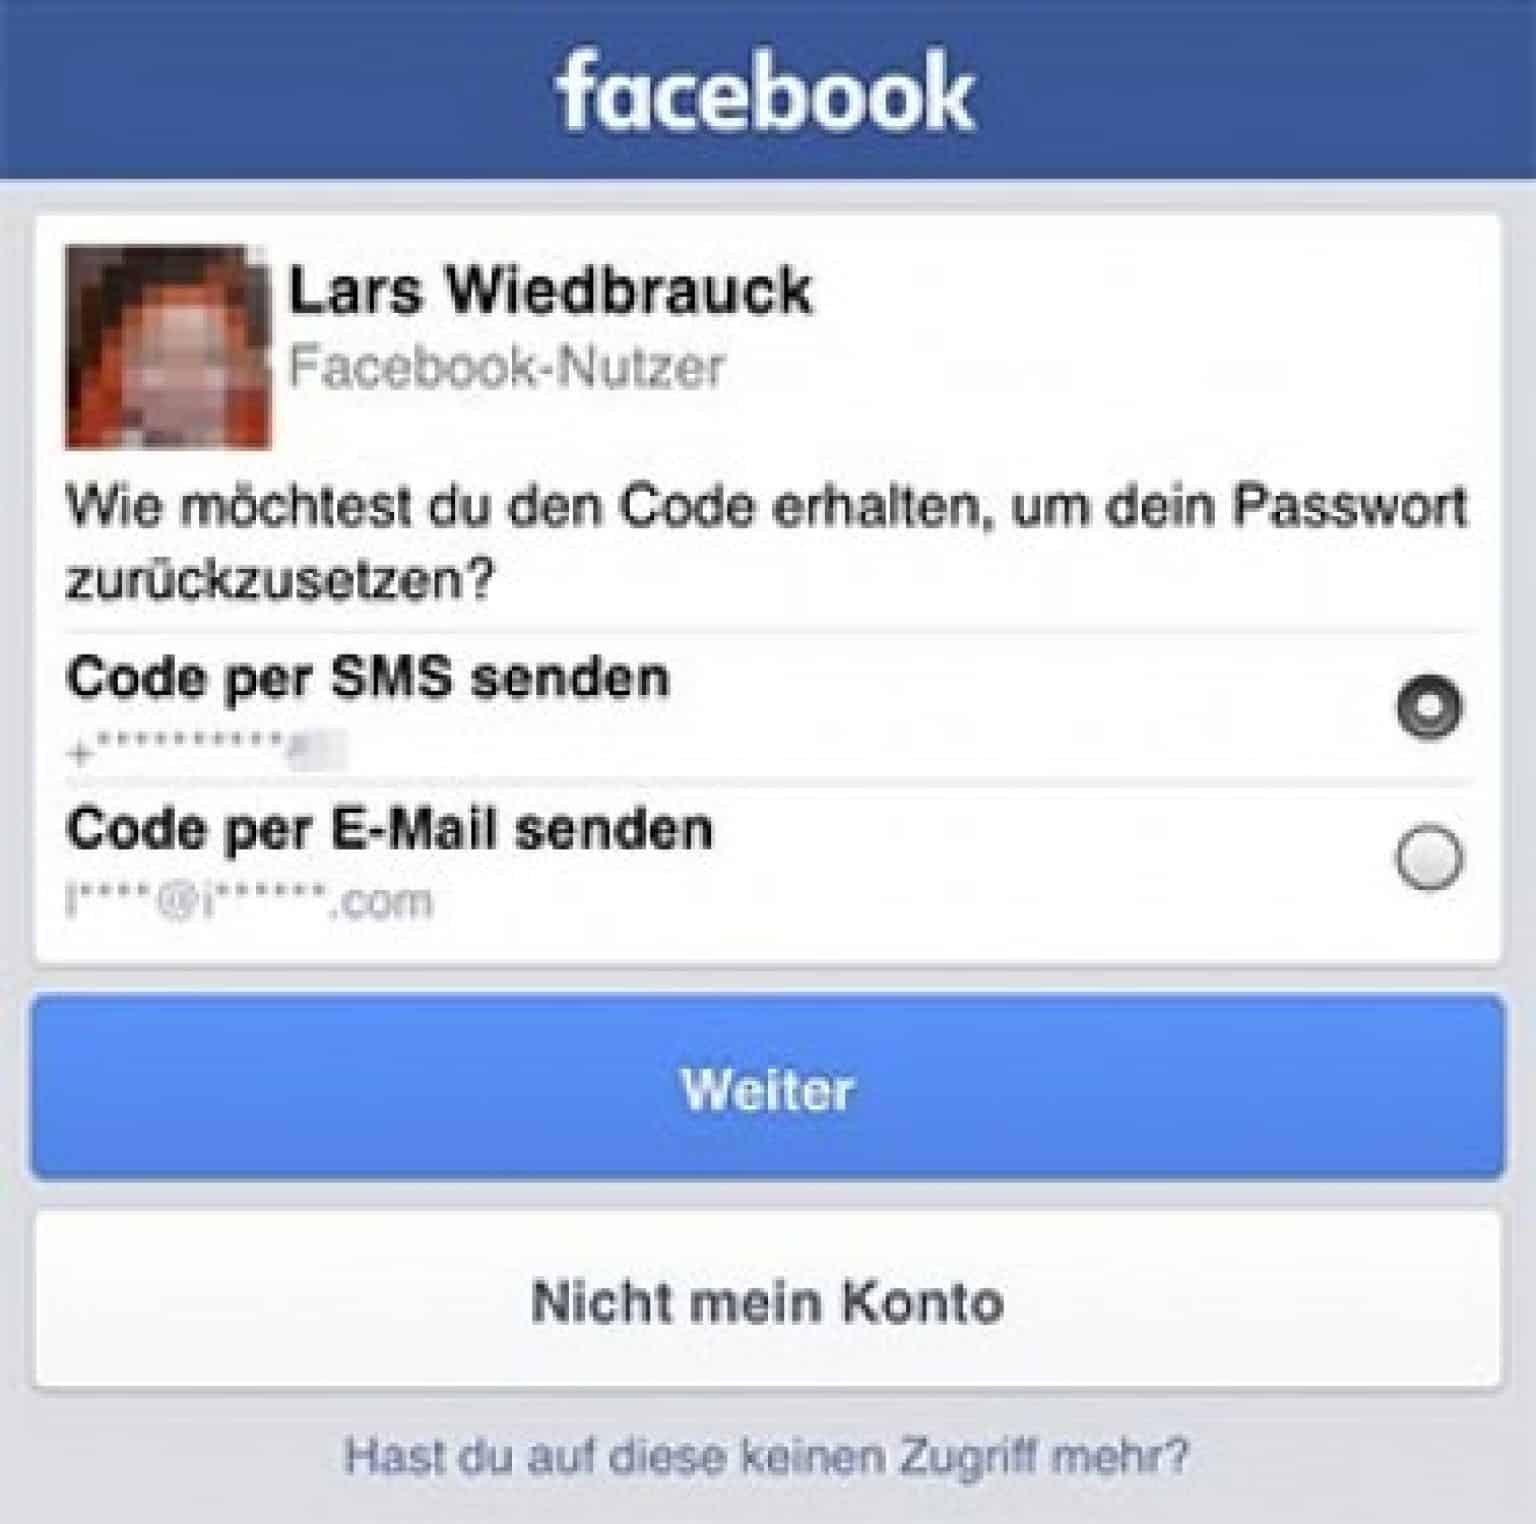 Facebook EMail und Passwort vergessen - was tun? - WDesign